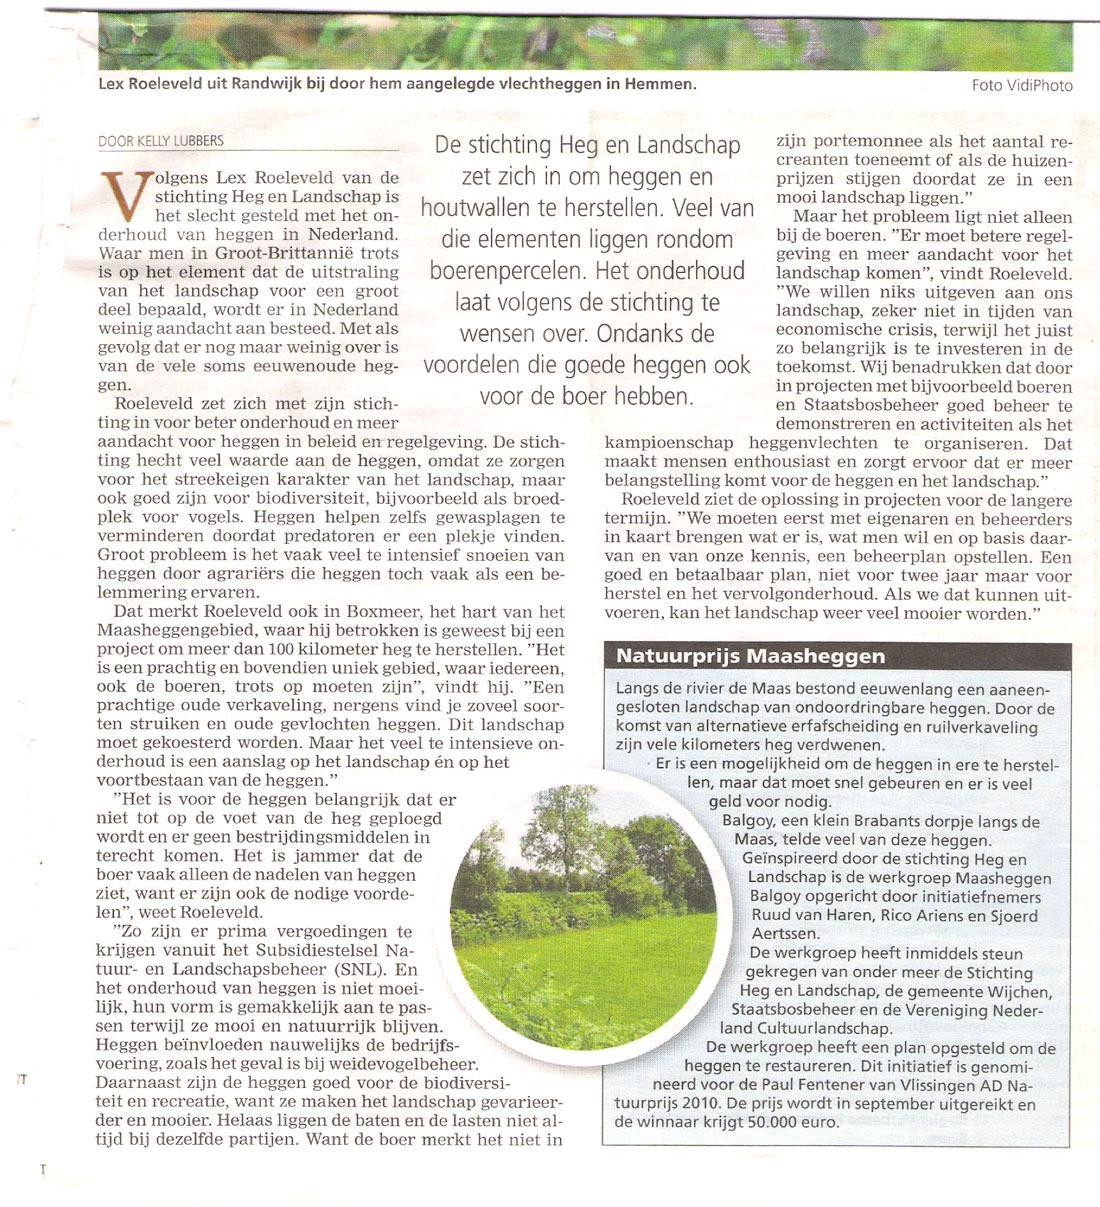 agrarisch-dagblad-zomer-2010